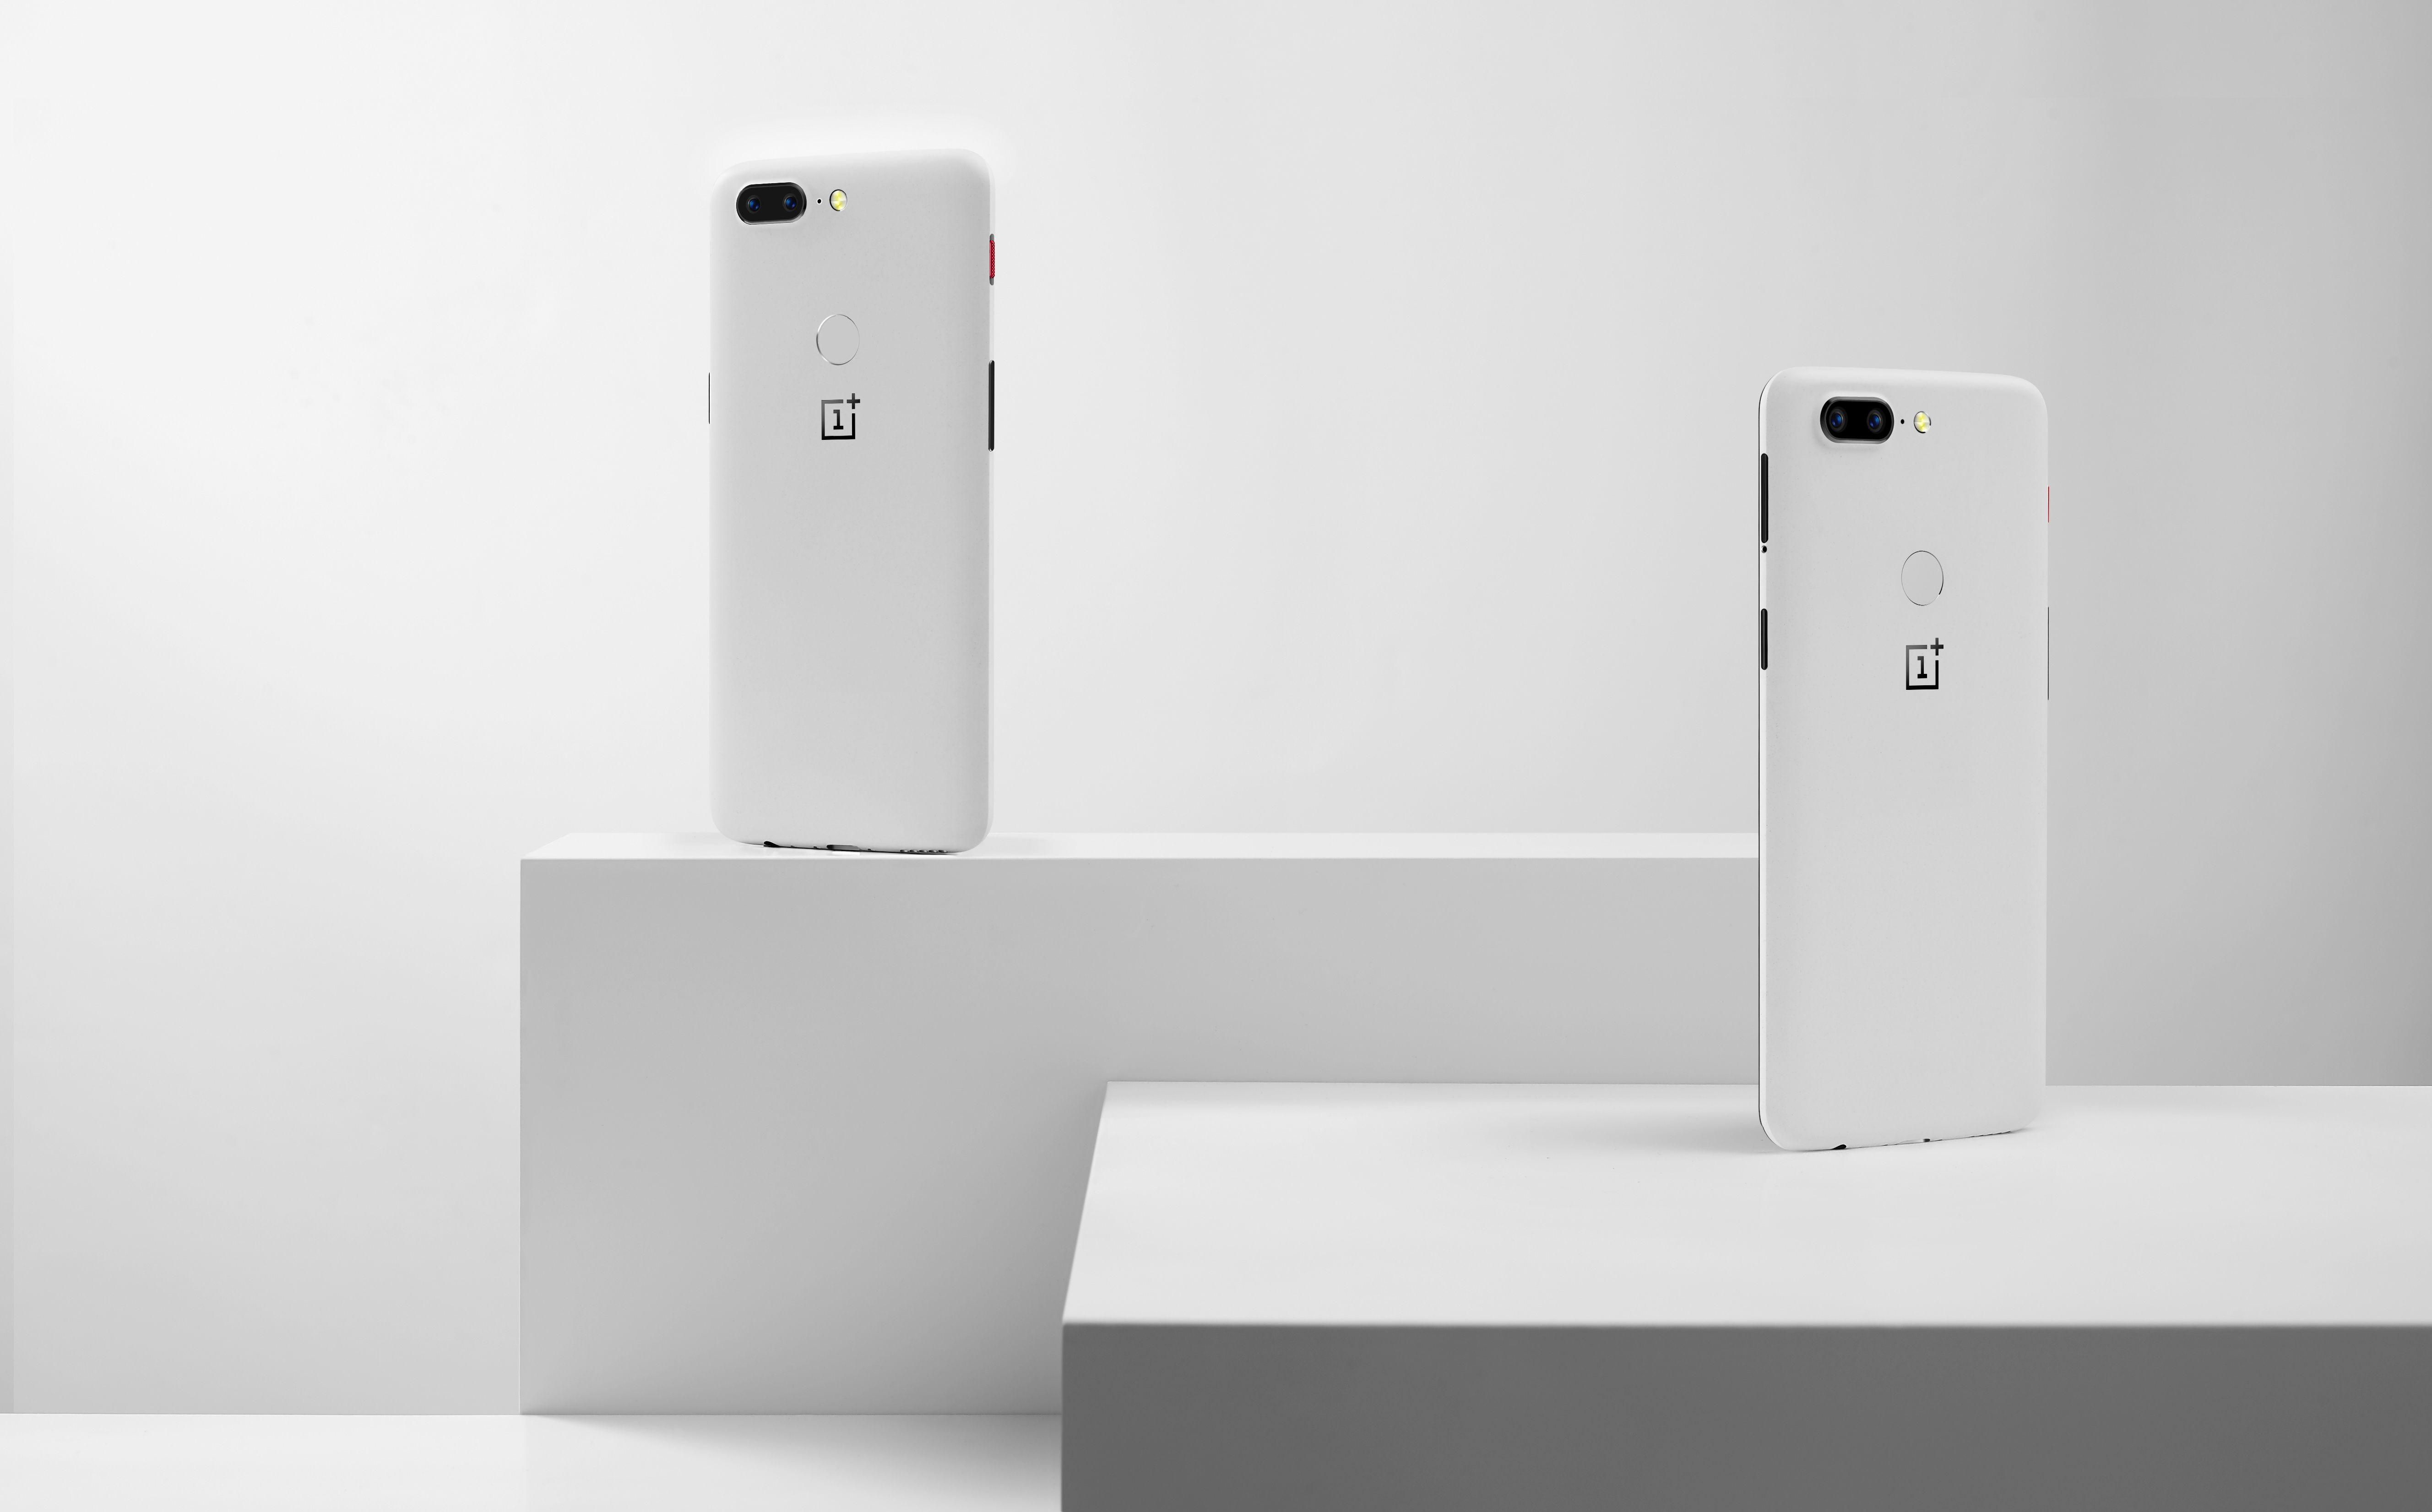 Tech'spresso : Treble sur OnePlus 5 et 5T, tarifs Netflix et problème sur le Vivo Nex